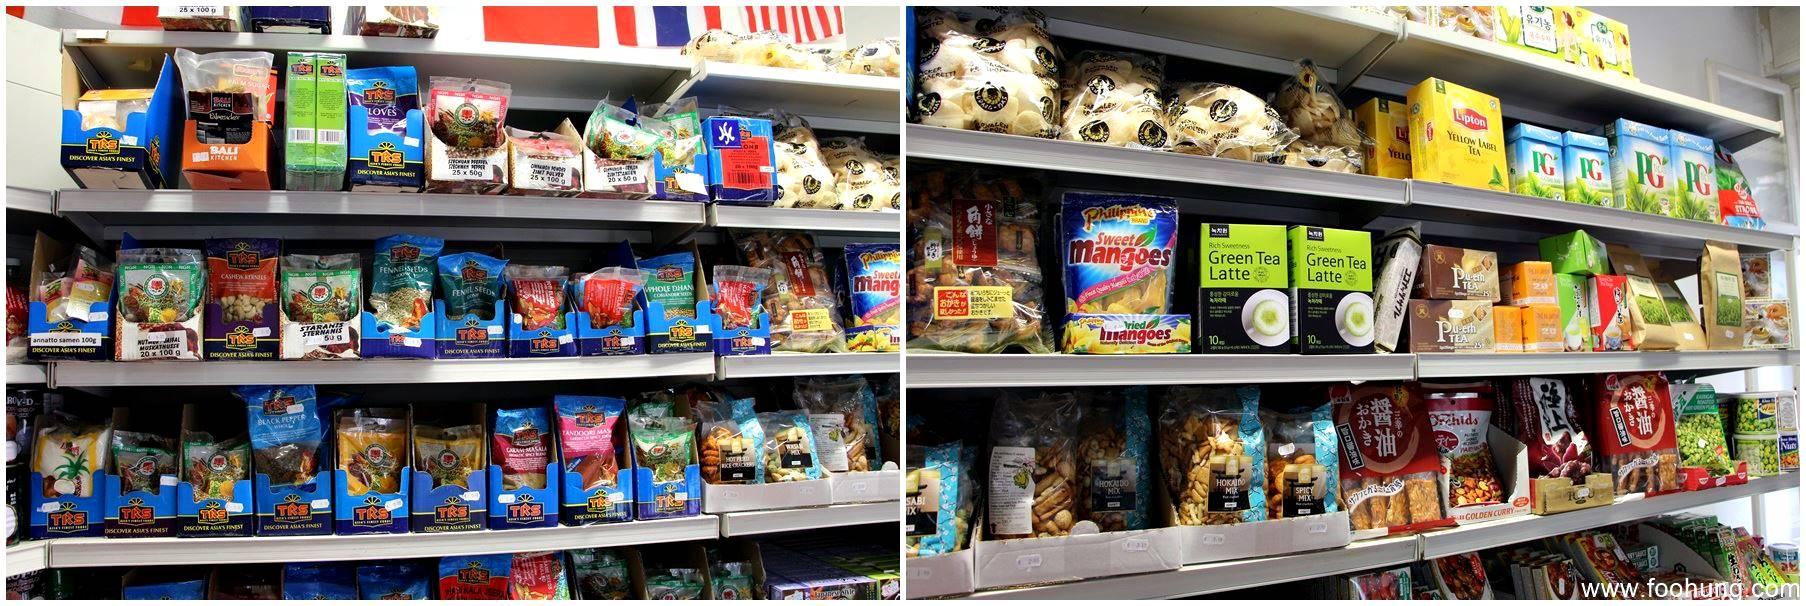 Asienkauf Tofuhaus Erlangen 15